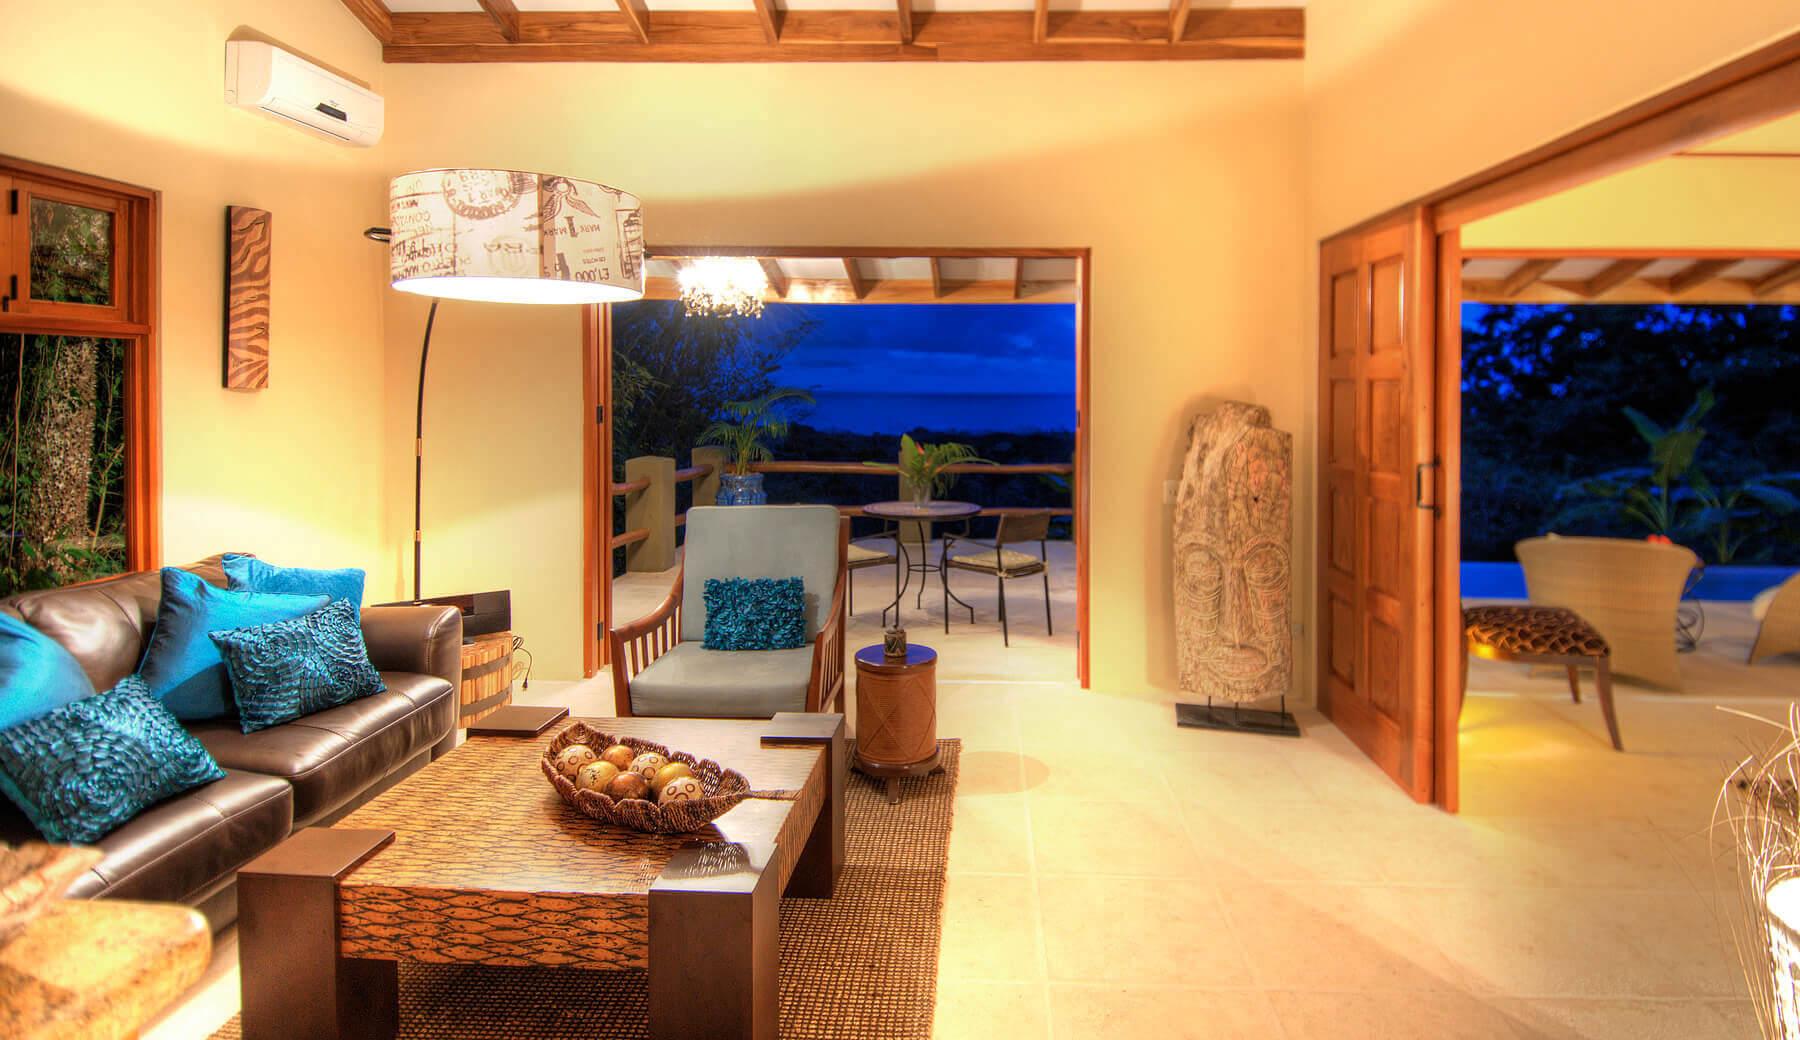 private pools villas costa rica